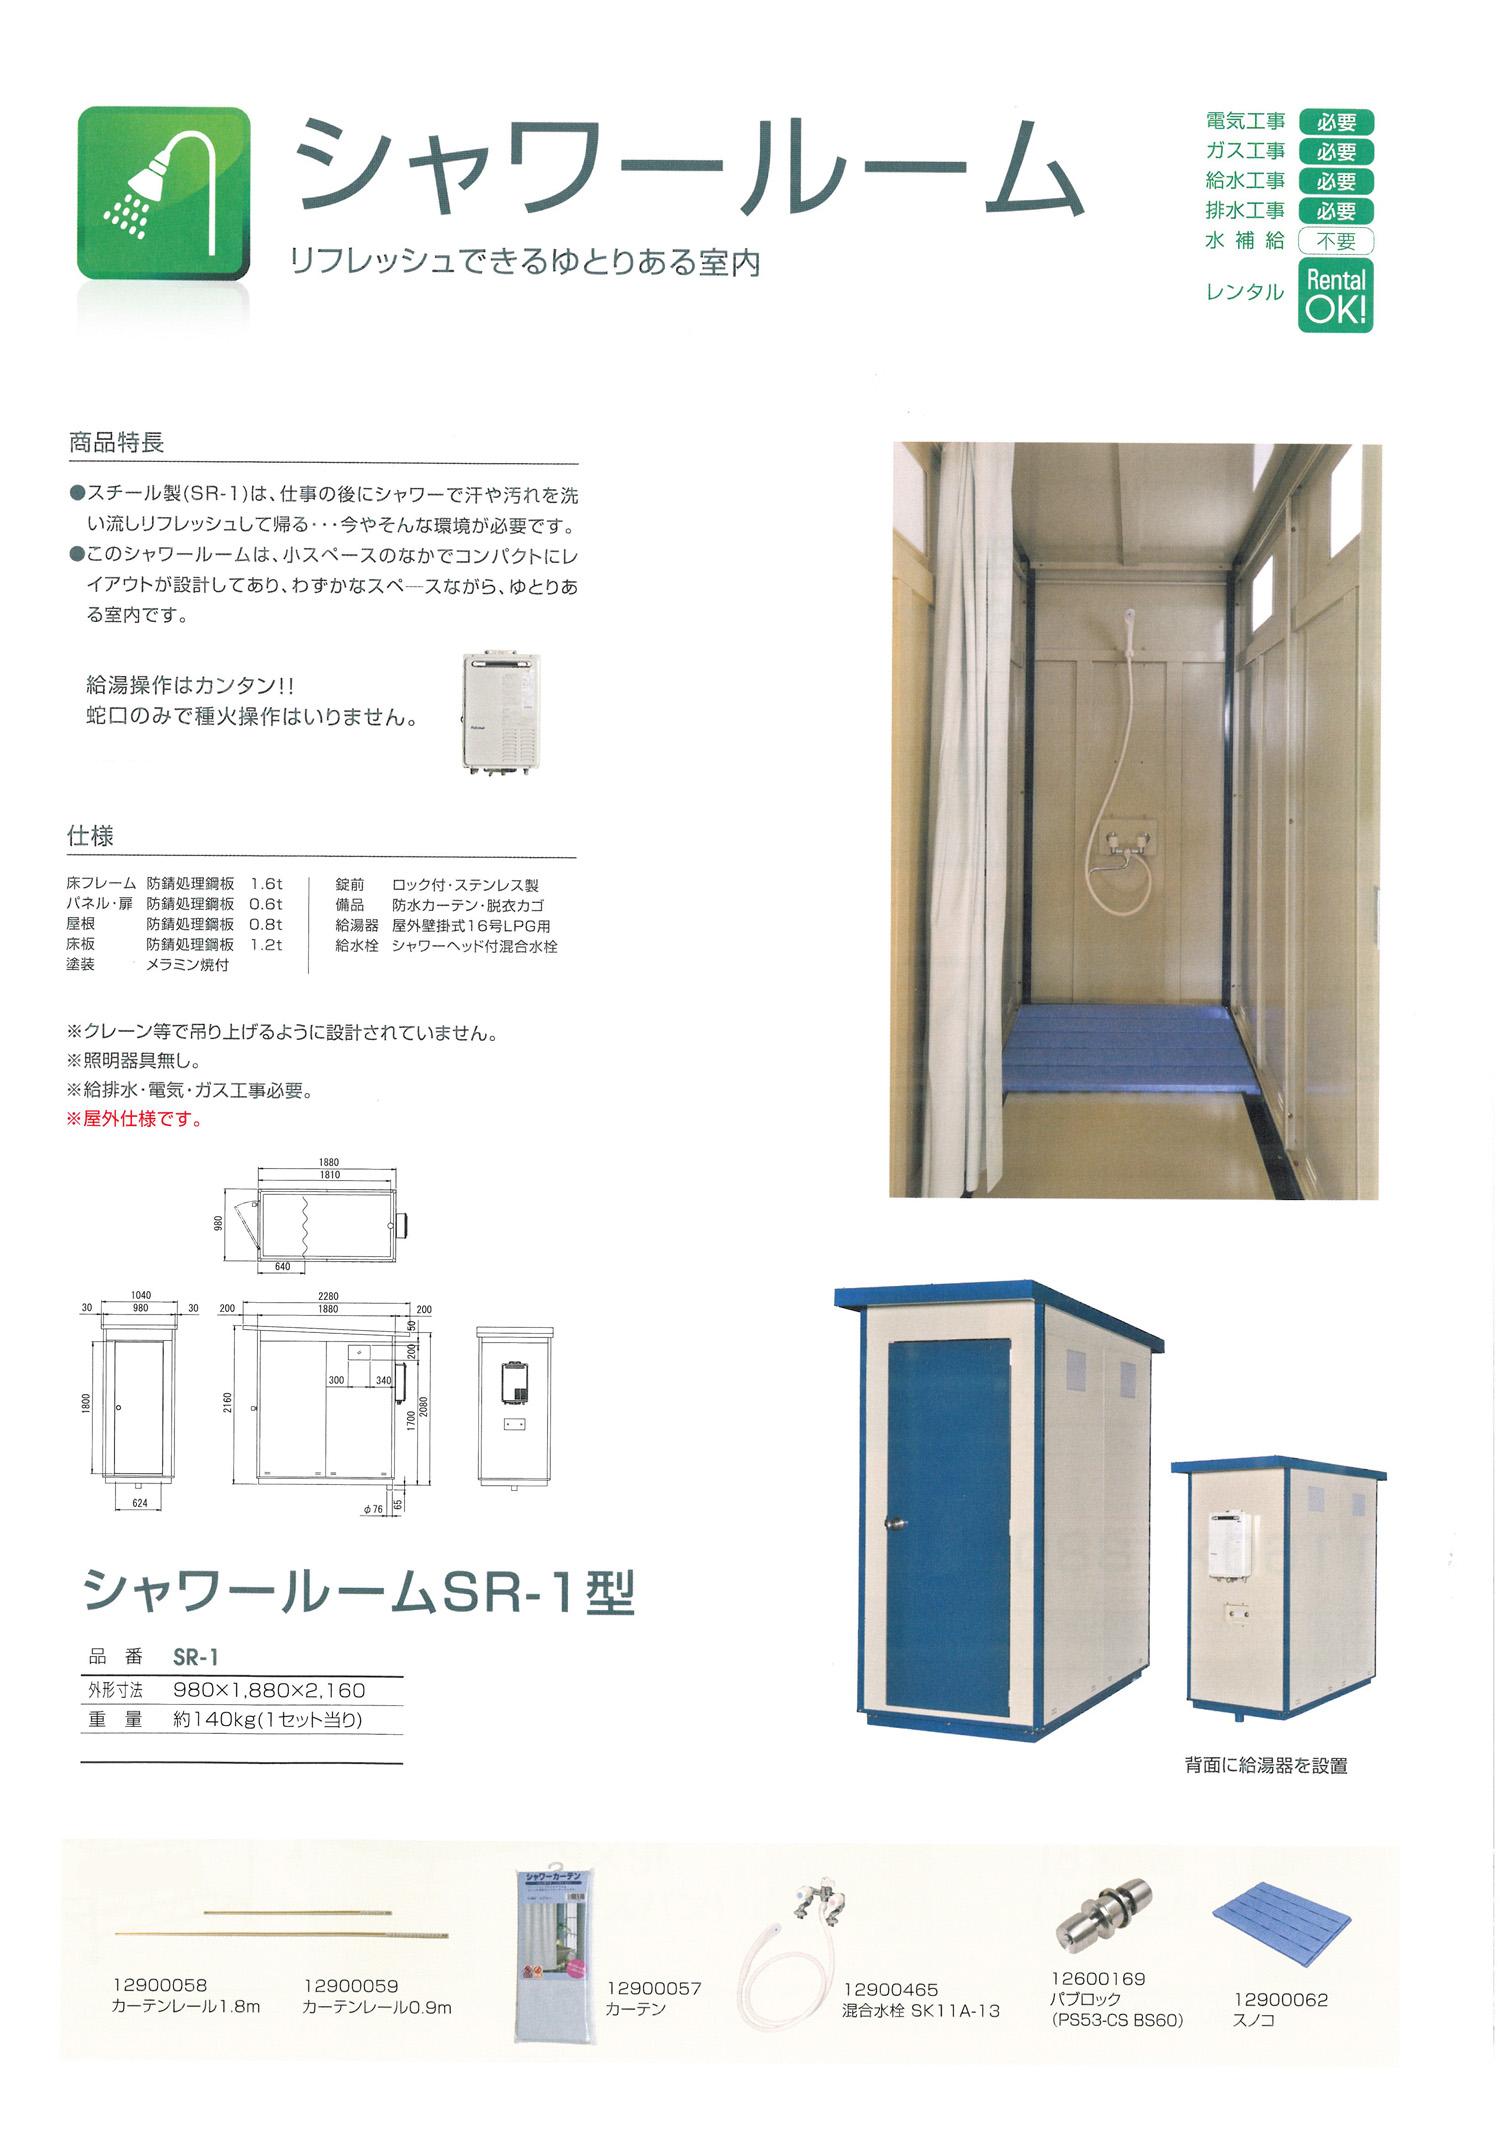 [仮設シャワーユニット][送料無料][建設ラッシュ][旭ハウス工業][シャワールームSR-1型]2